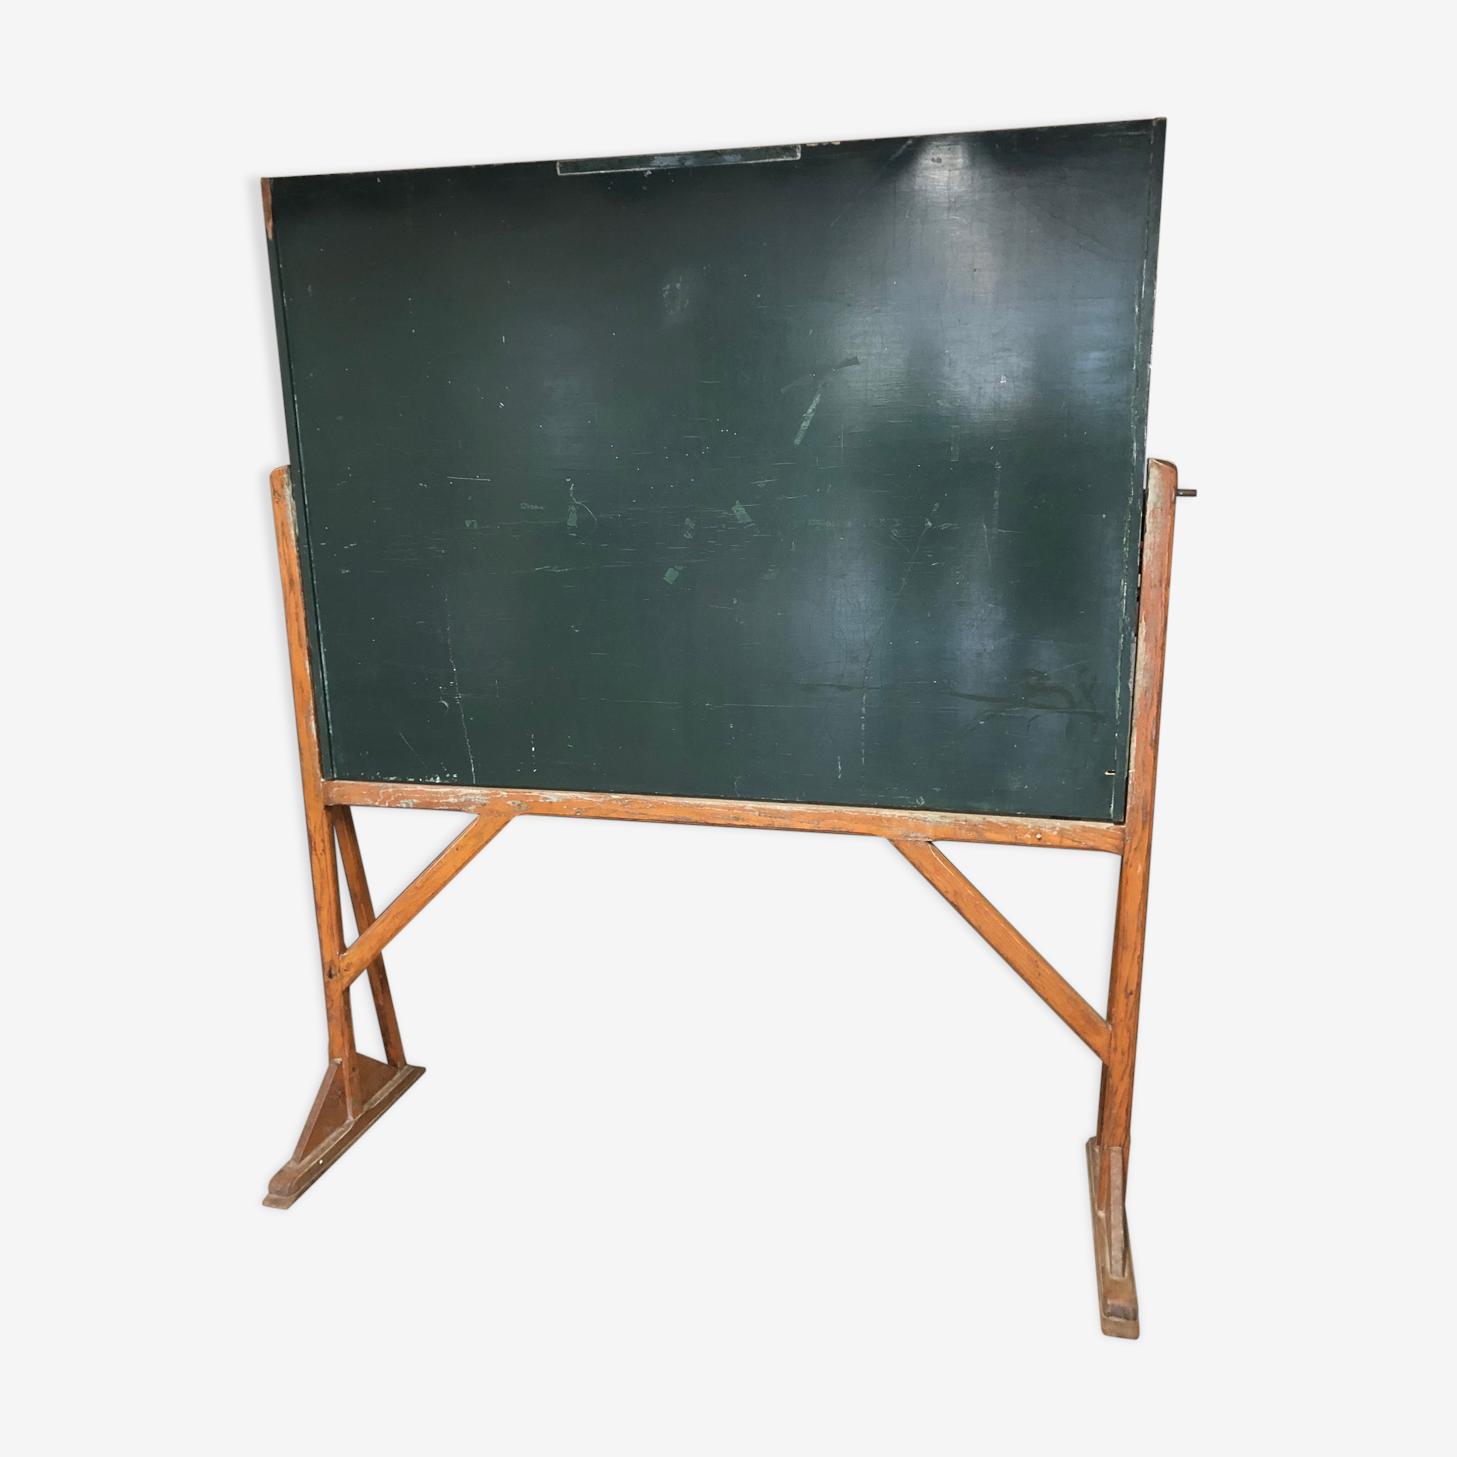 Tableau sur châssis en bois années 50